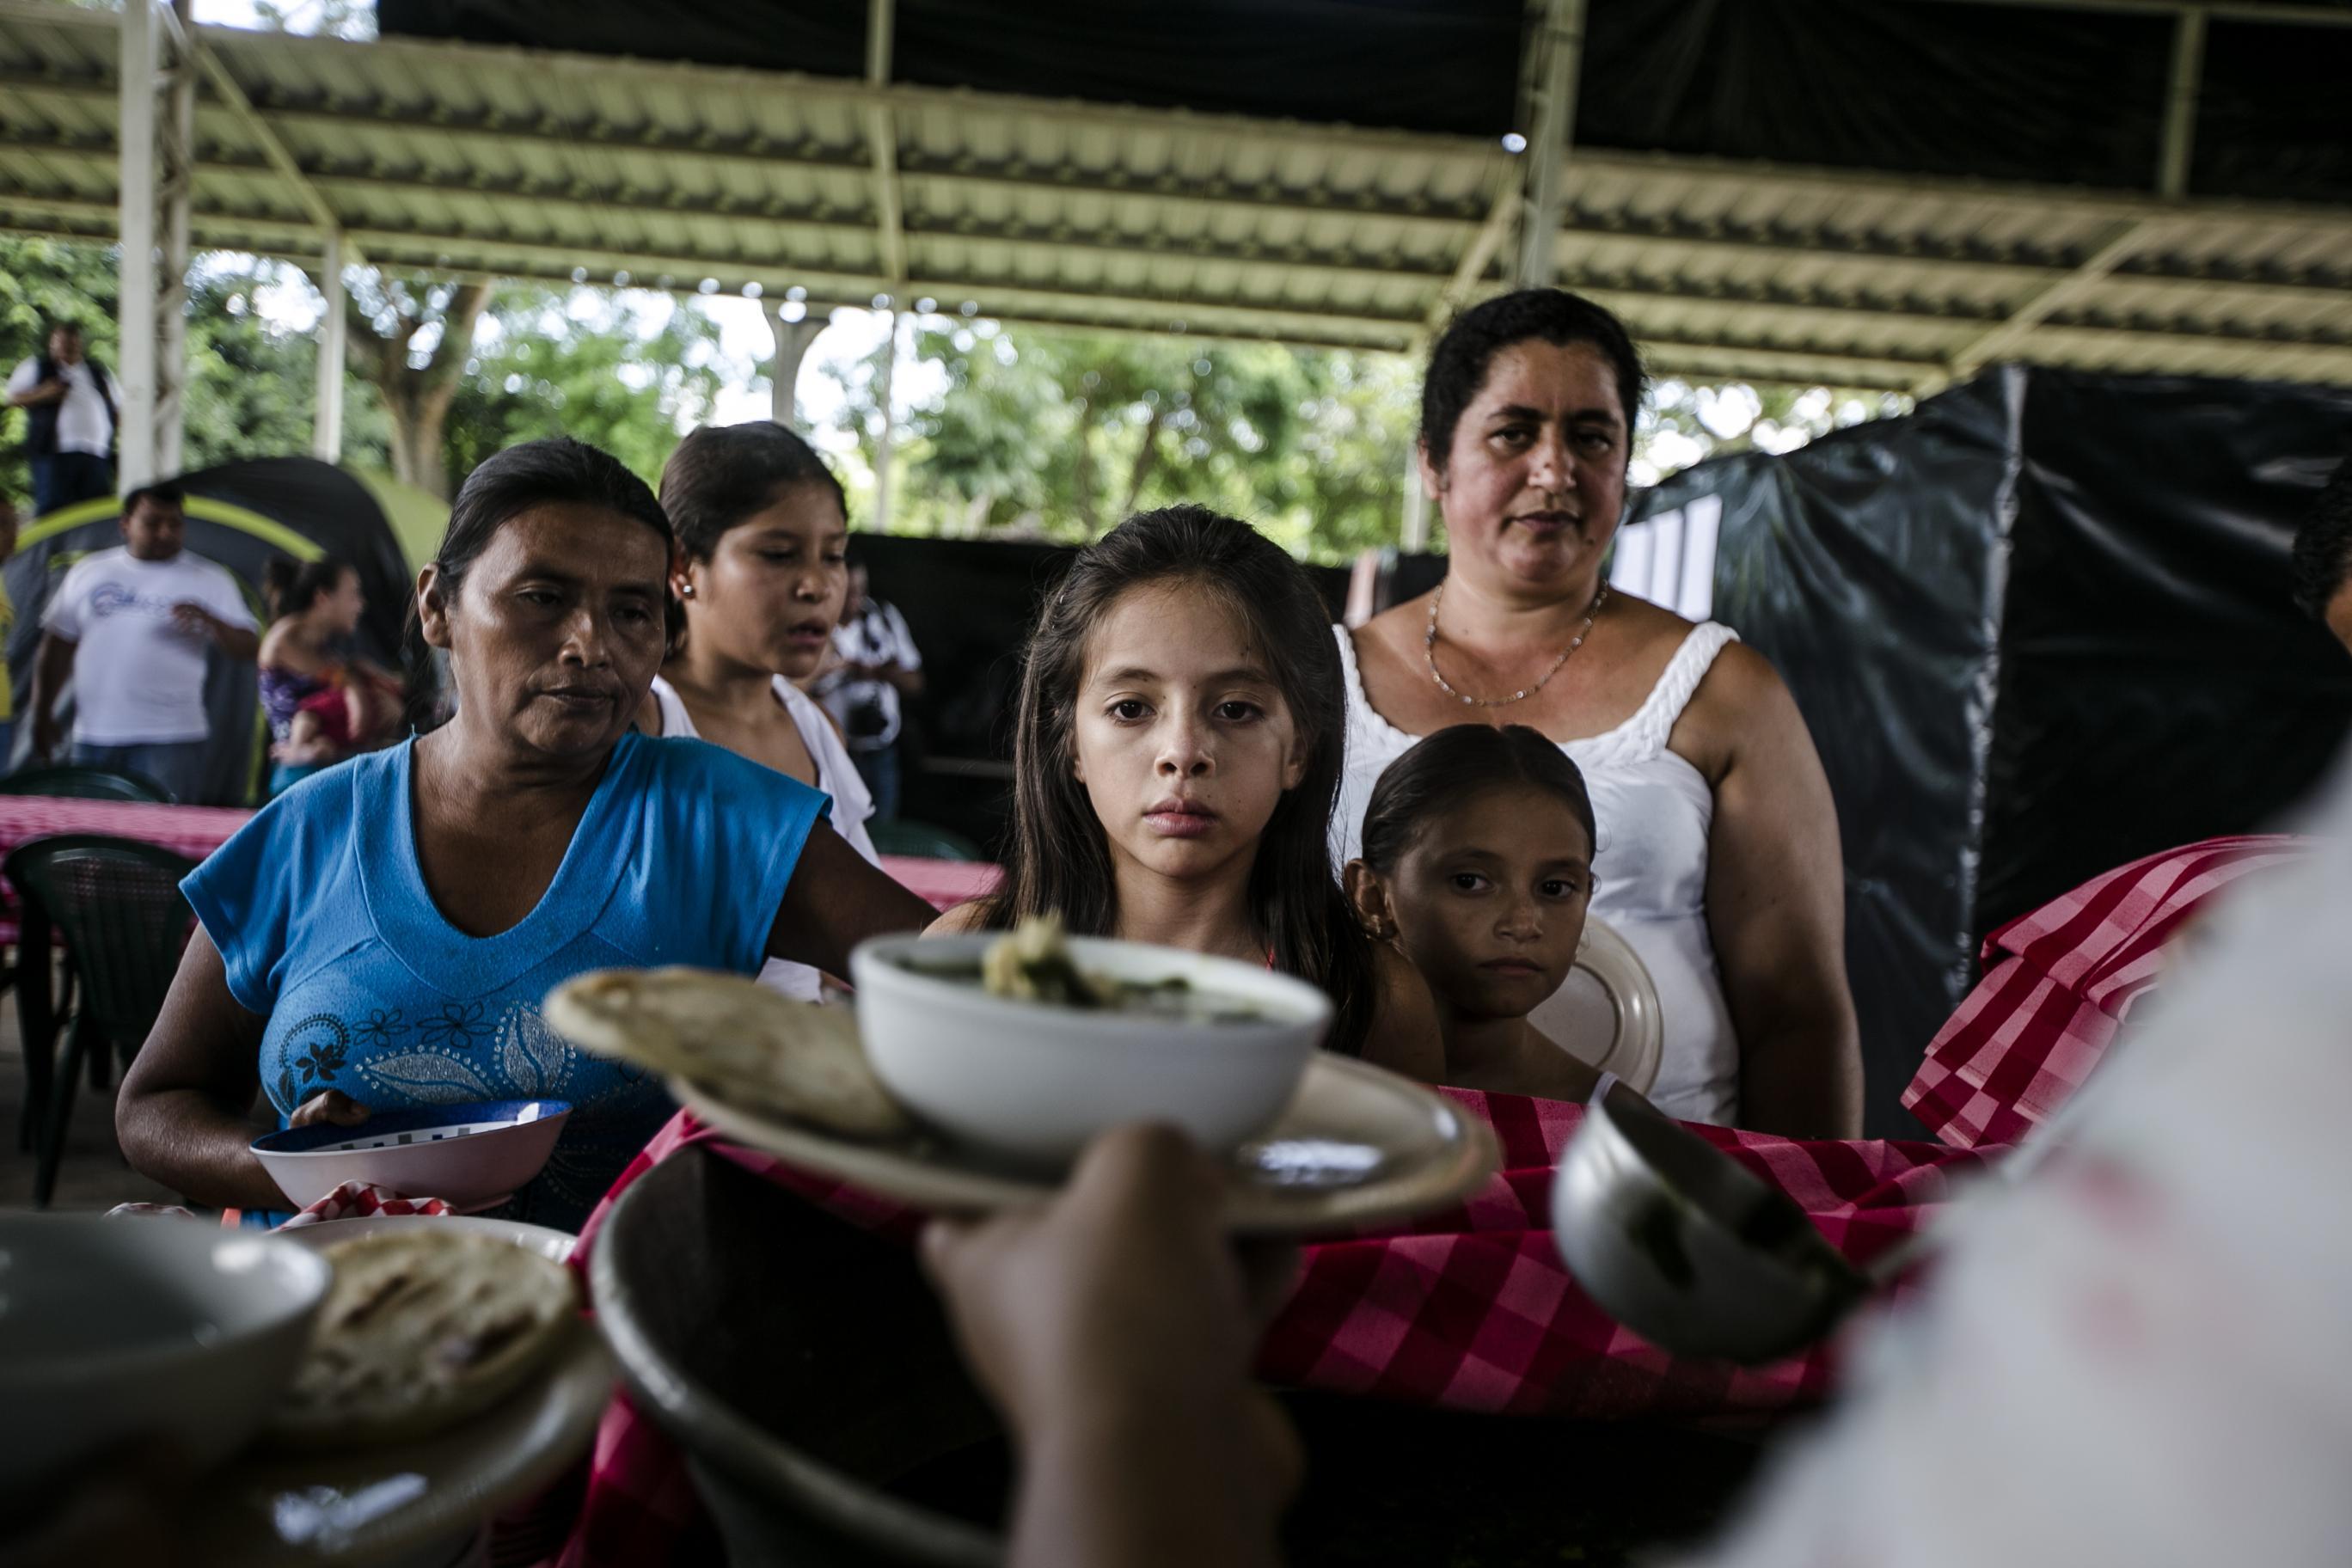 El 15 de septiembre de 2016, alrededor de 25 familias originarias del caserío El Castaño, en el municipio de Caluco, huyeron de la zona y se convirtieron en los primeros refugiados en un albergue para desplazados por la violencia de las pandillas. Foto: Fred Ramos